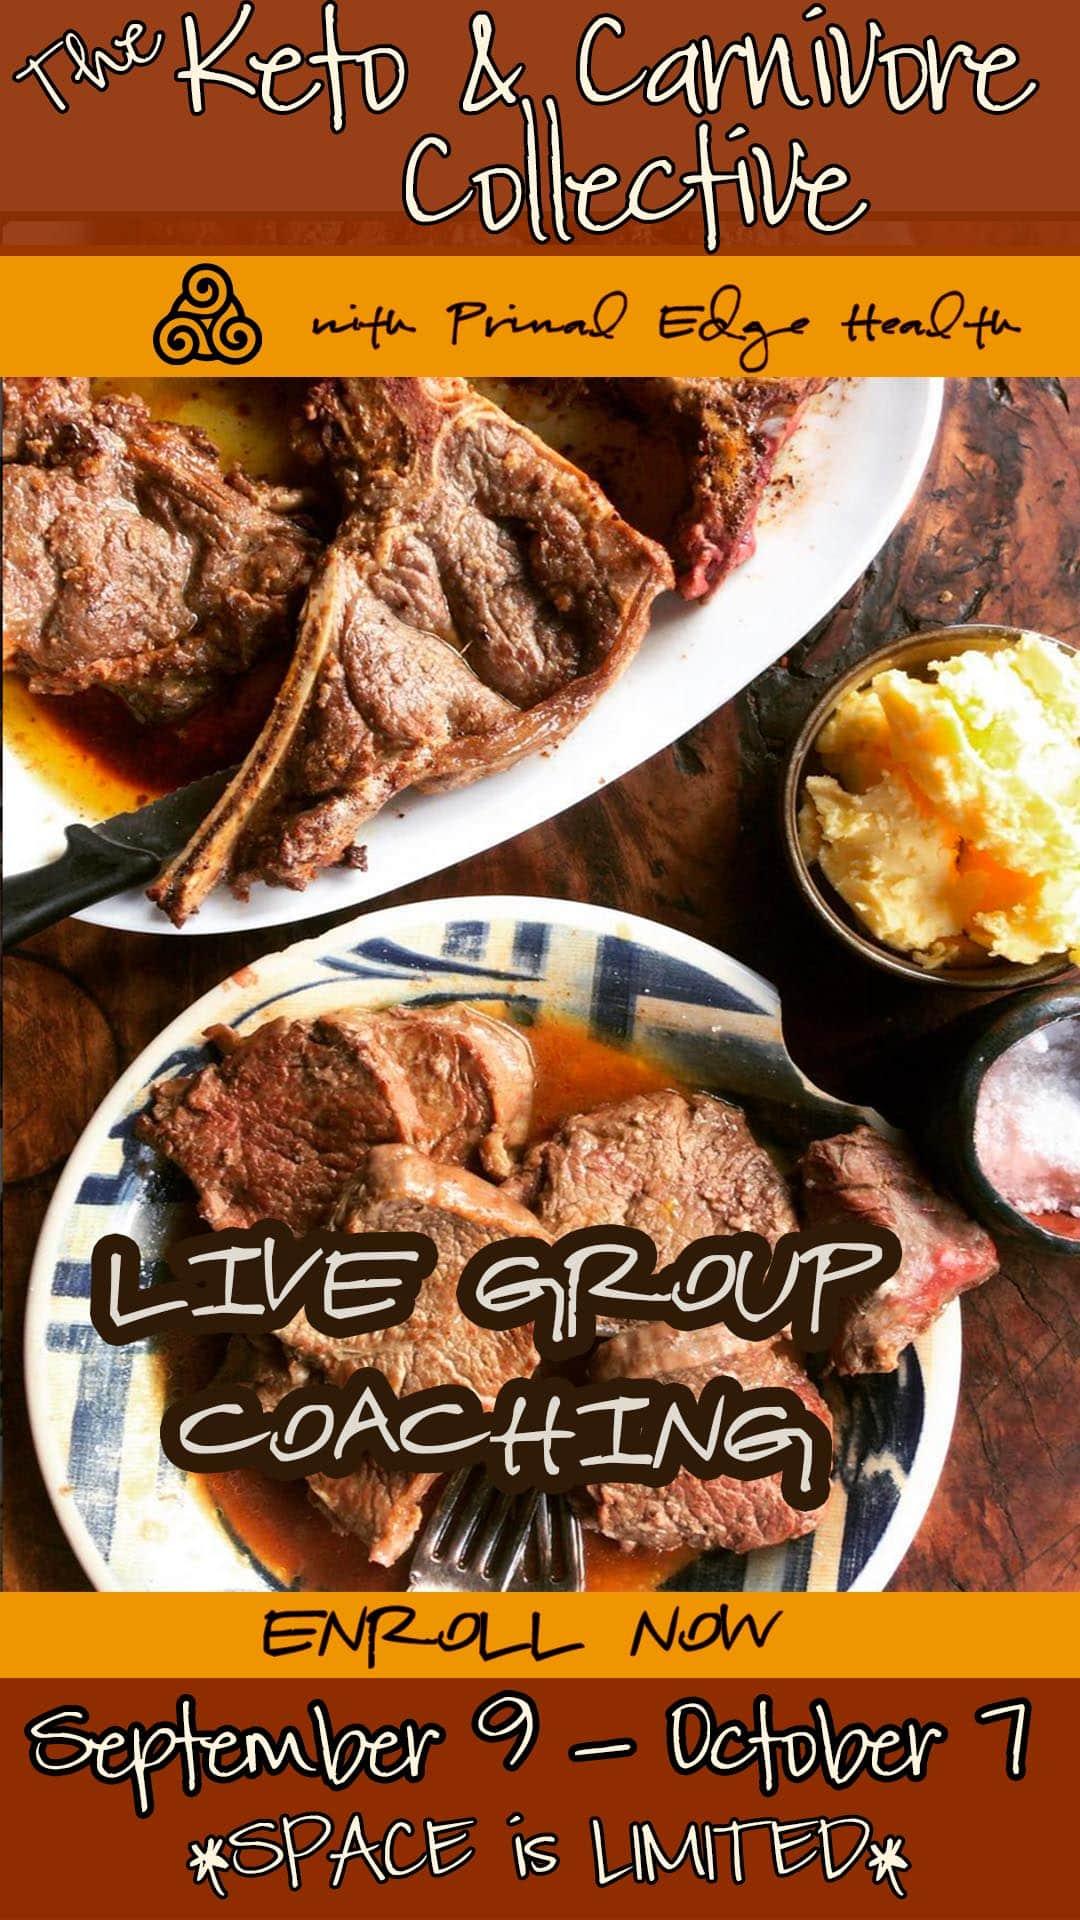 Keto & Carnivore Collective